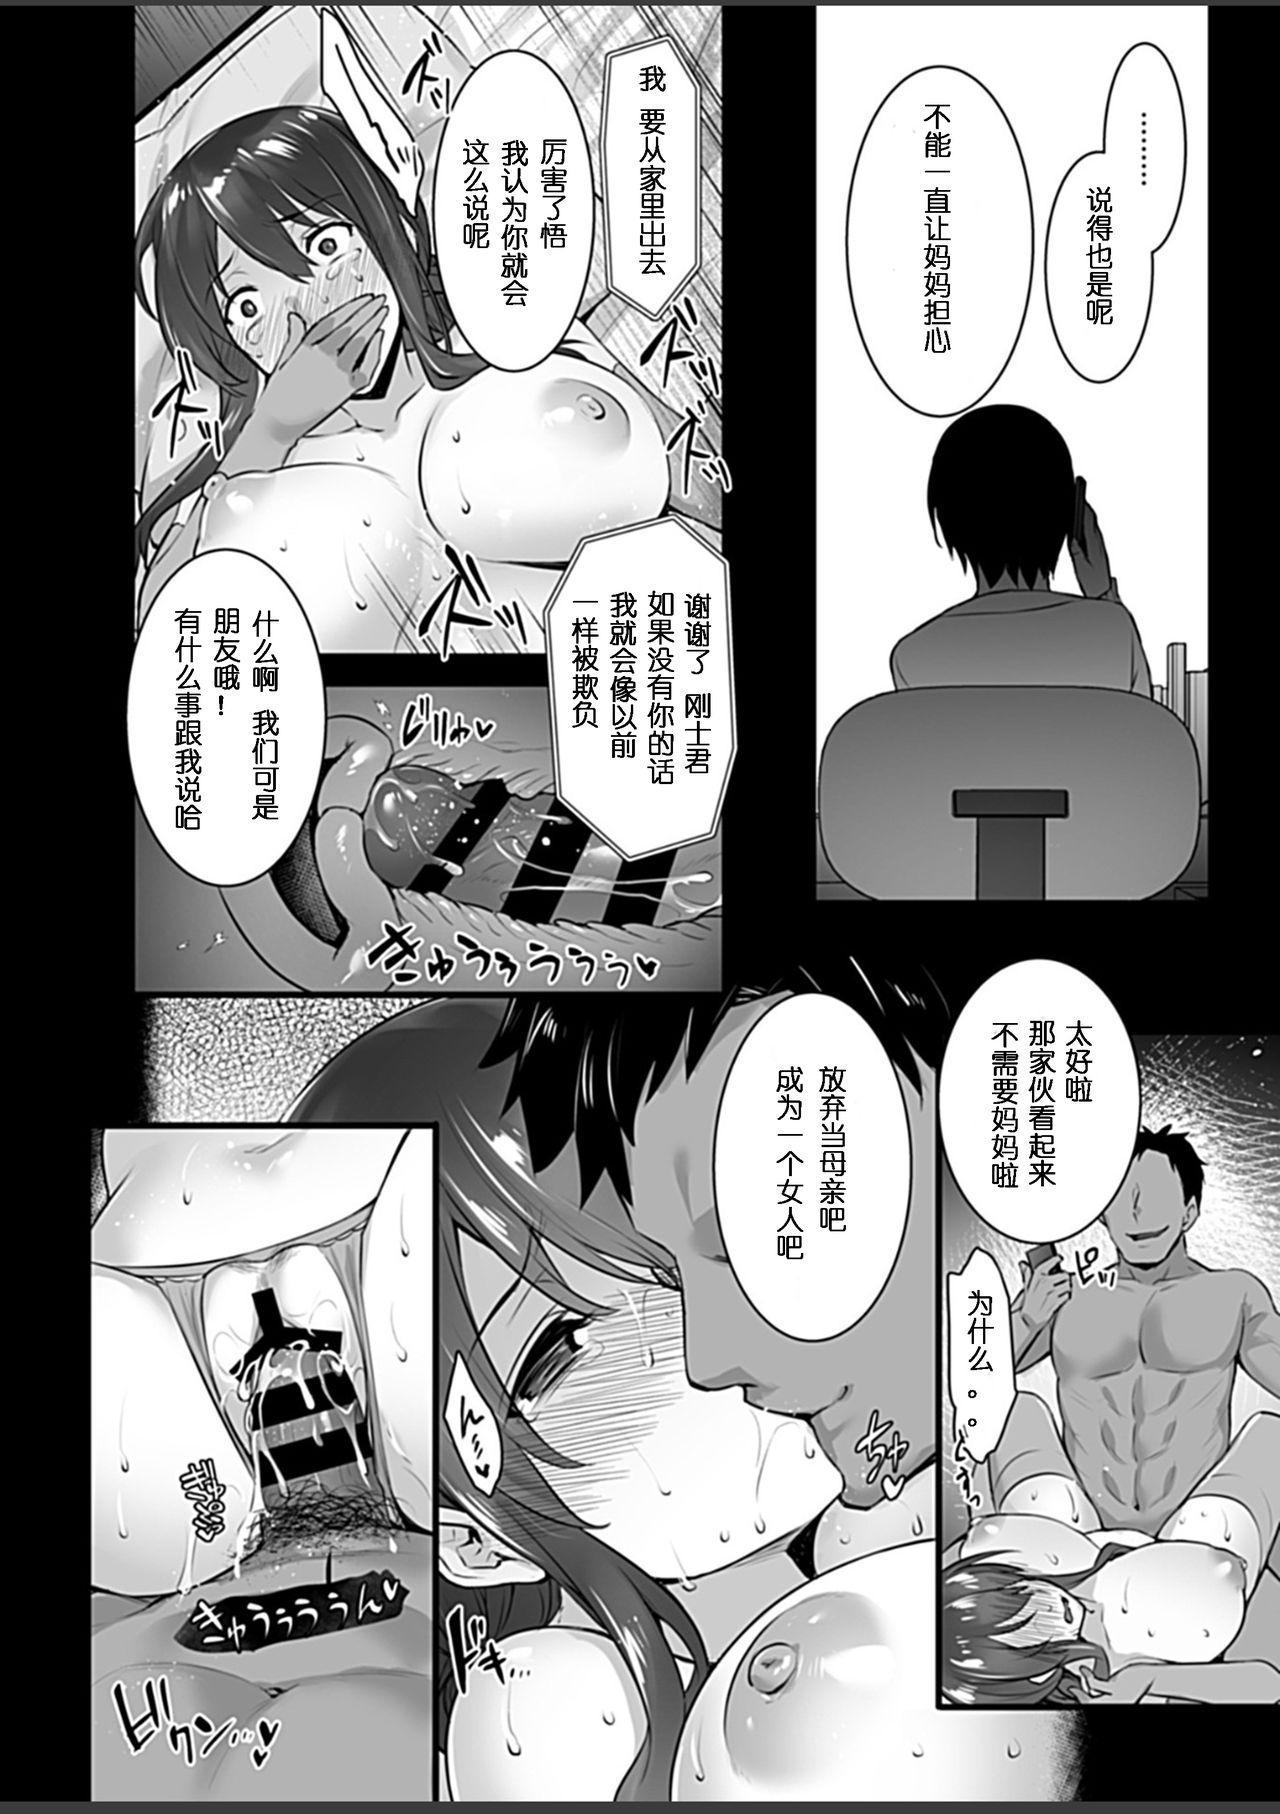 Mesumama ~Musuko no Doukyuusei ni Dakarete Ochiru Hitozuma~ Ch. 3 (COMIC GEE Vol. 4)(chinese translation) 13